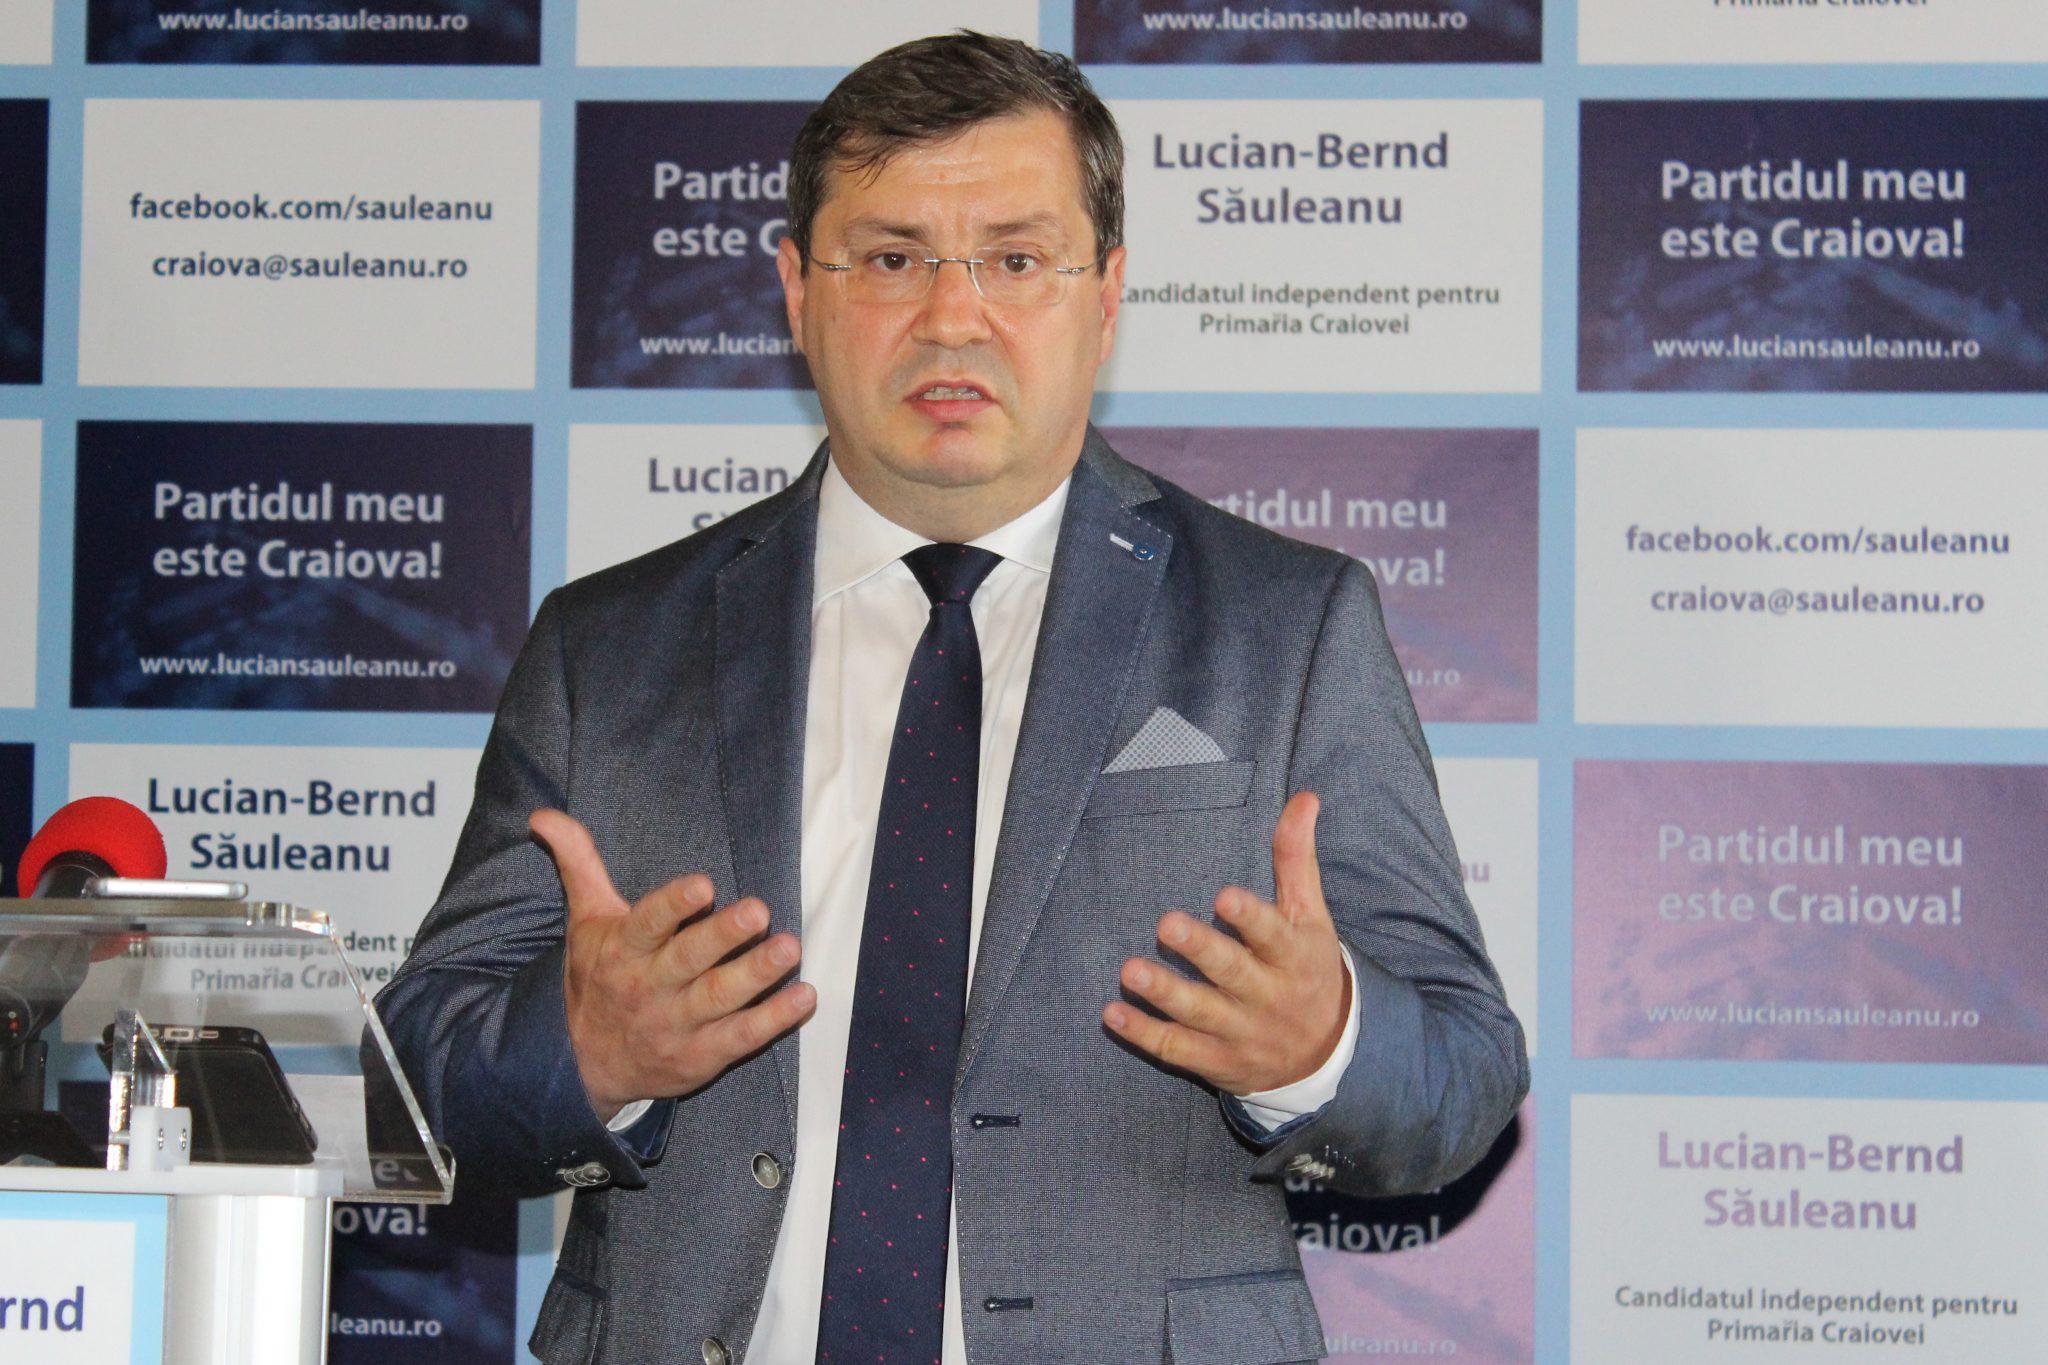 Lucian Săuleanu: Lipsa unei dezbateri între candidați nu este o soluție